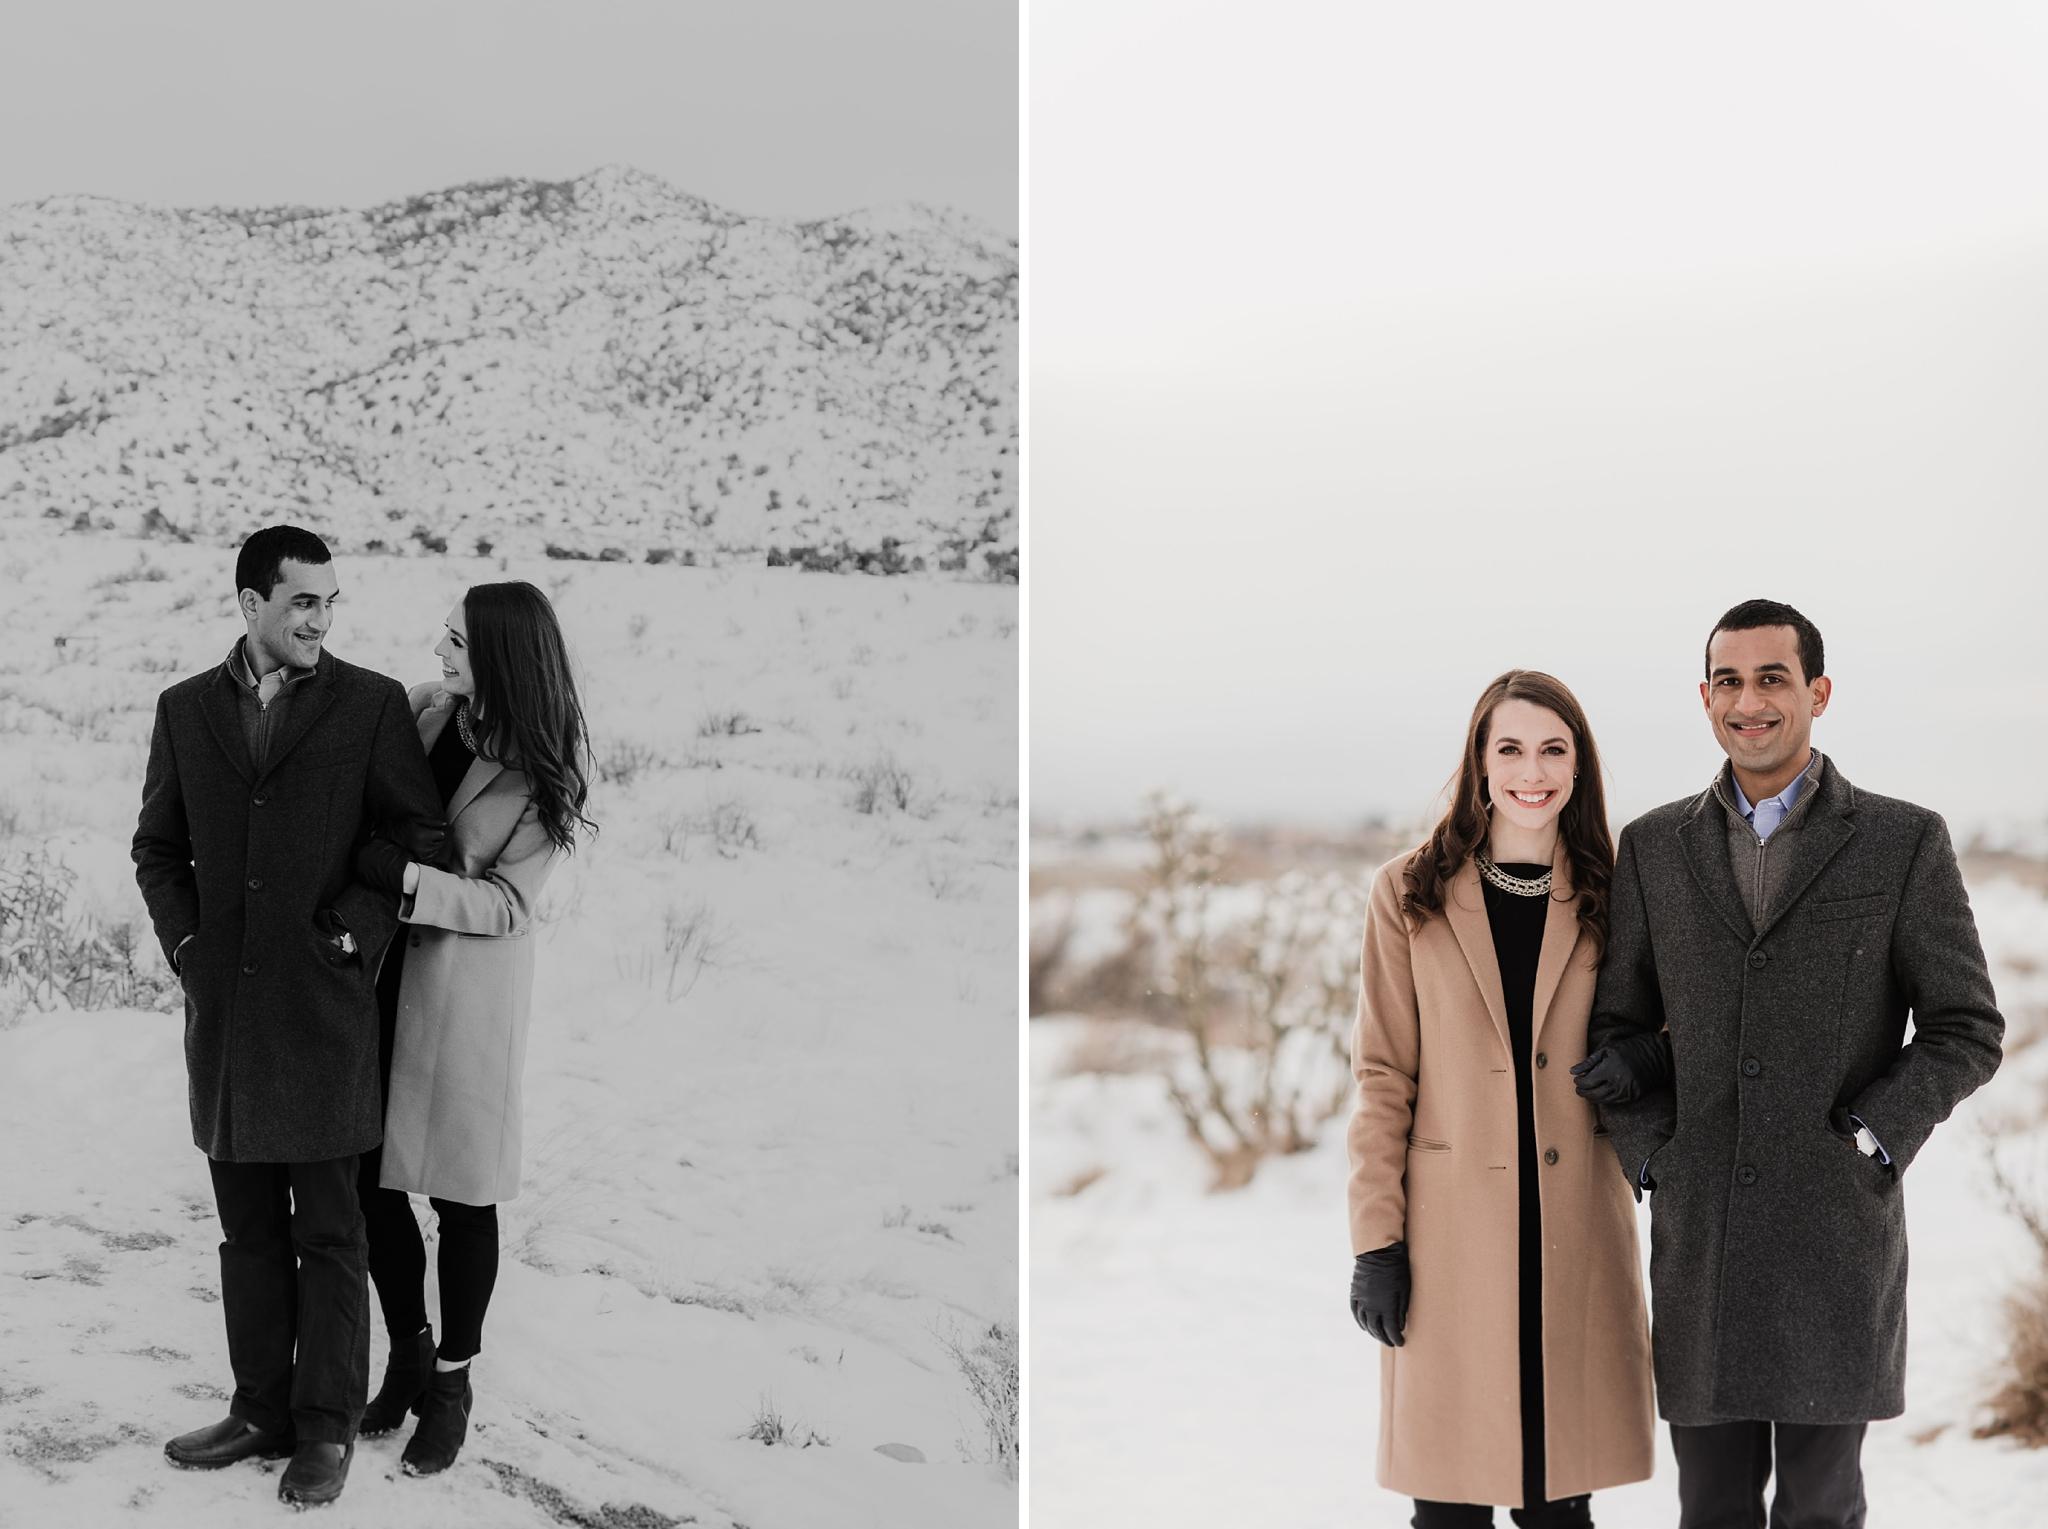 Alicia+lucia+photography+-+albuquerque+wedding+photographer+-+santa+fe+wedding+photography+-+new+mexico+wedding+photographer+-+new+mexico+wedding+-+wedding+makeup+-+makeup+artist+-+wedding+makeup+artist+-+bridal+makeup_0078.jpg